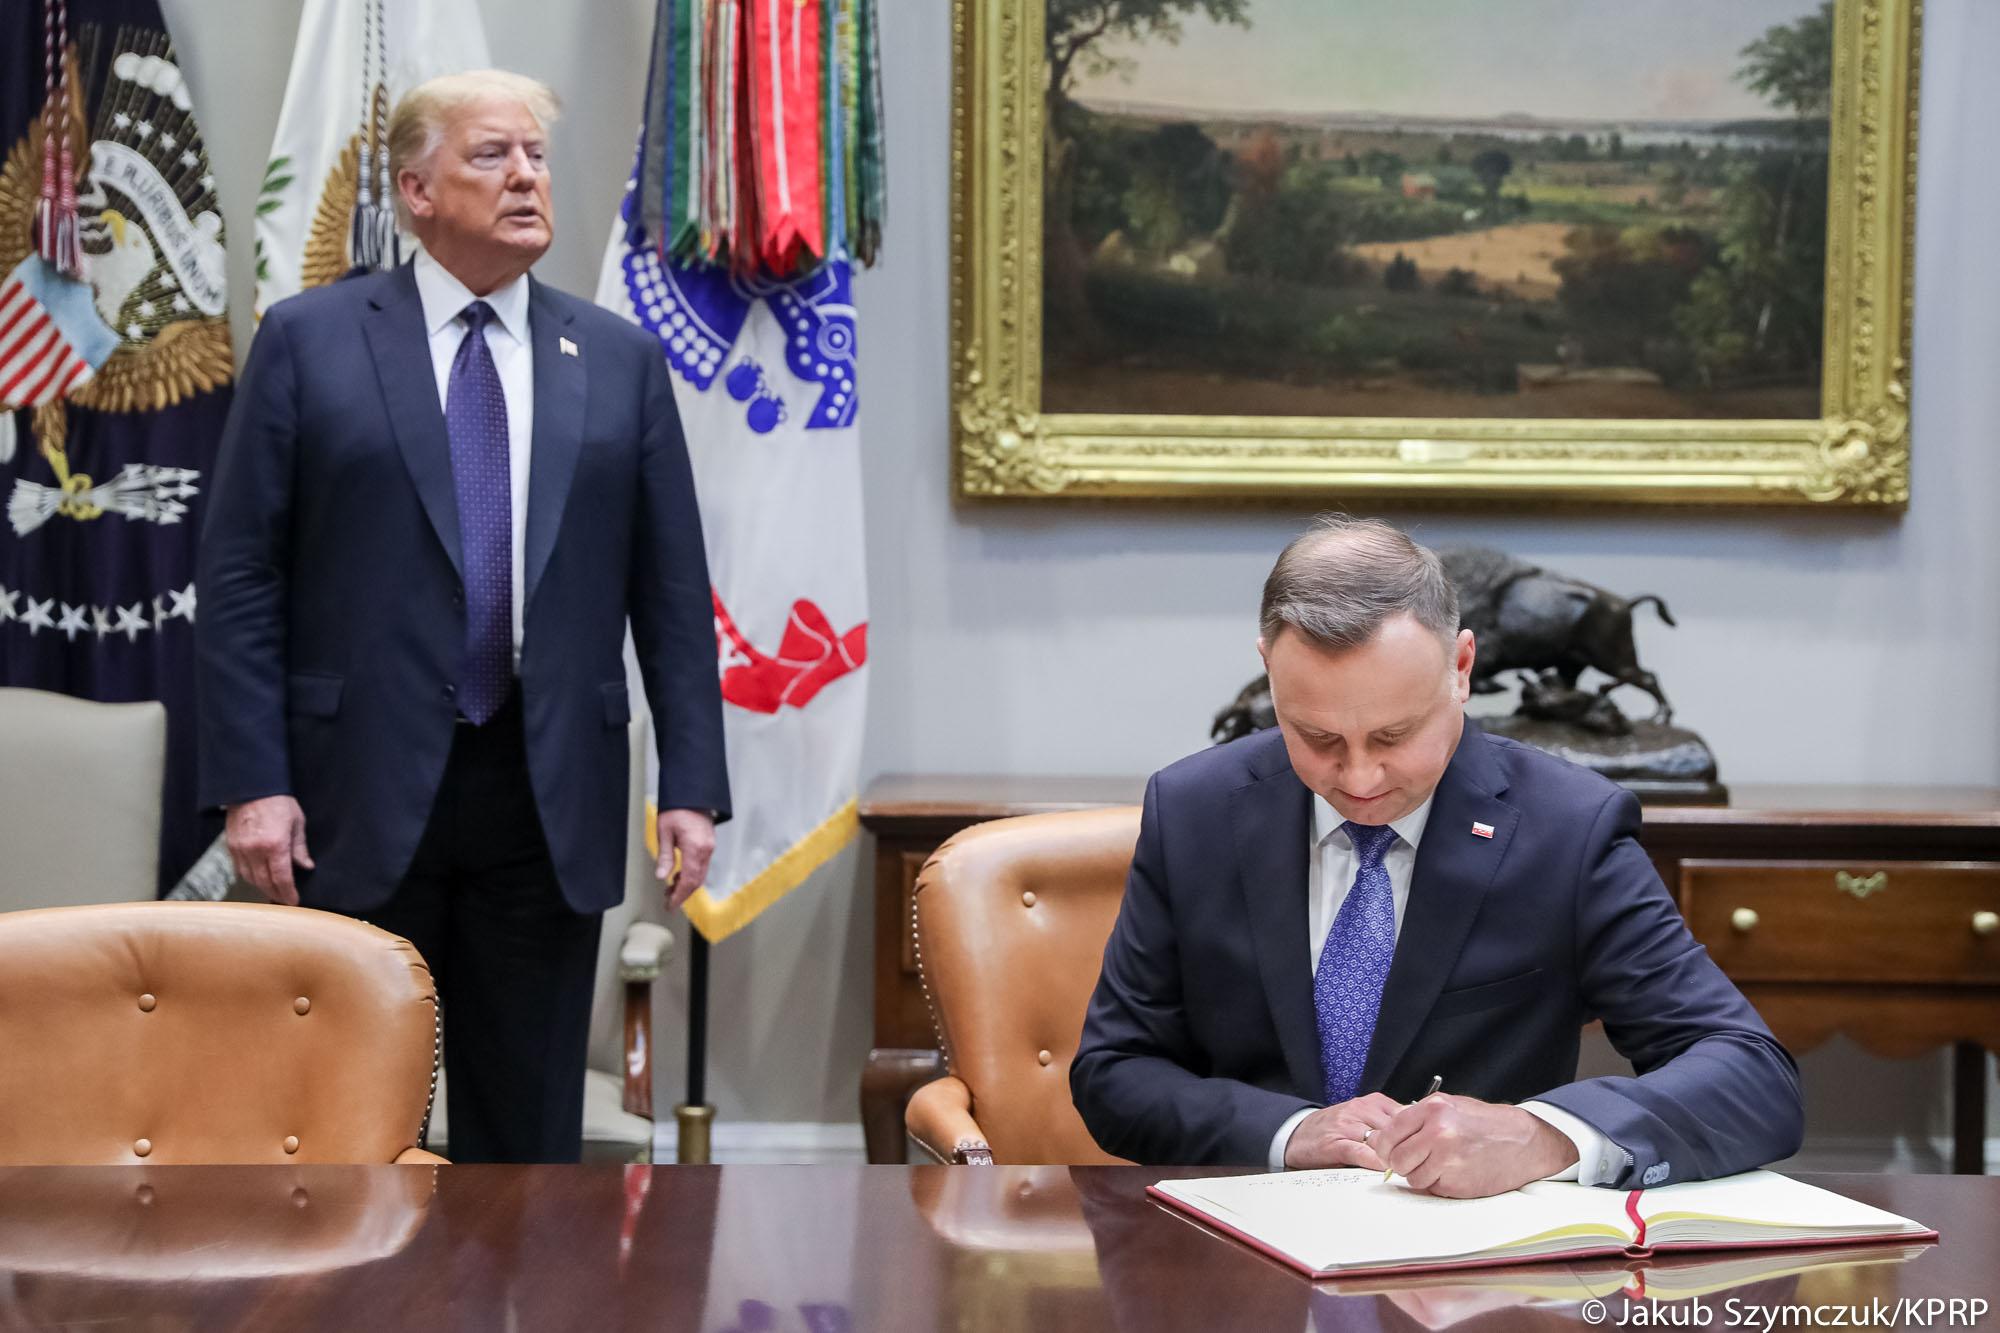 Andrzej Duda w najnowszym spocie Donalda Trumpa (FILM)